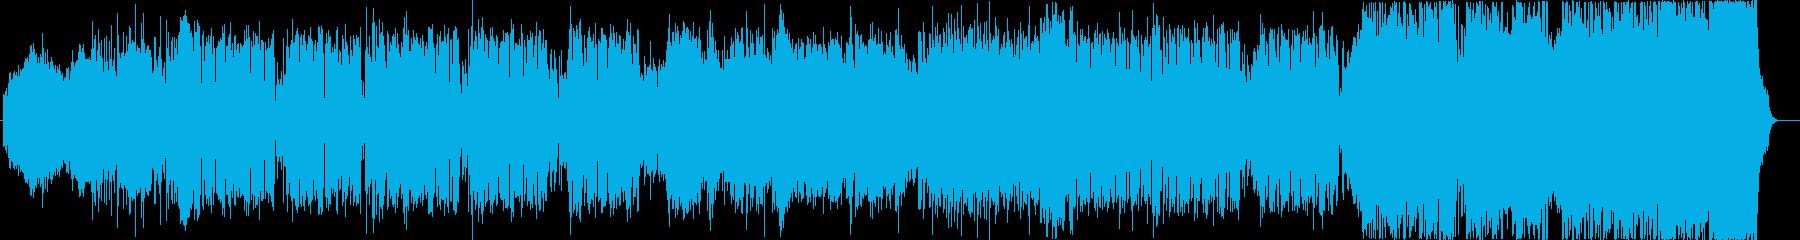 宇宙ROCK!!の再生済みの波形